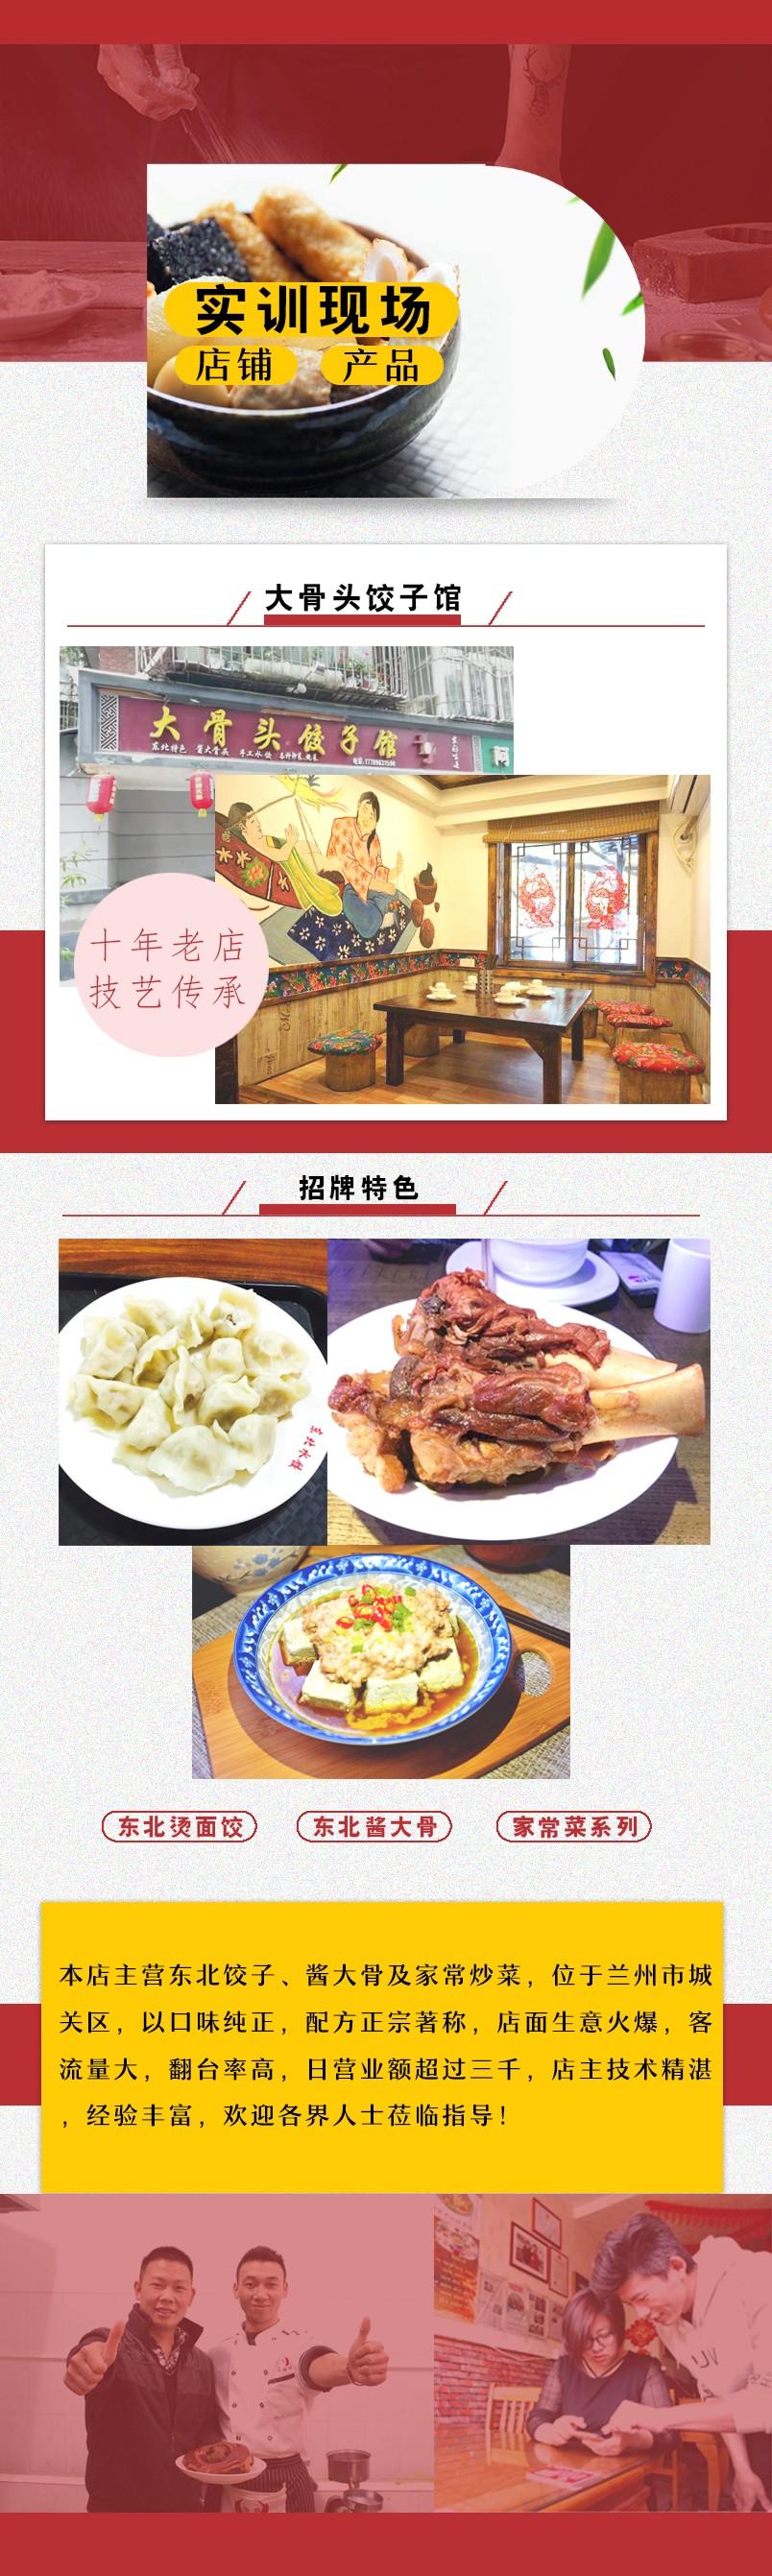 食训联盟网站产品说明东北酱大骨.jpg